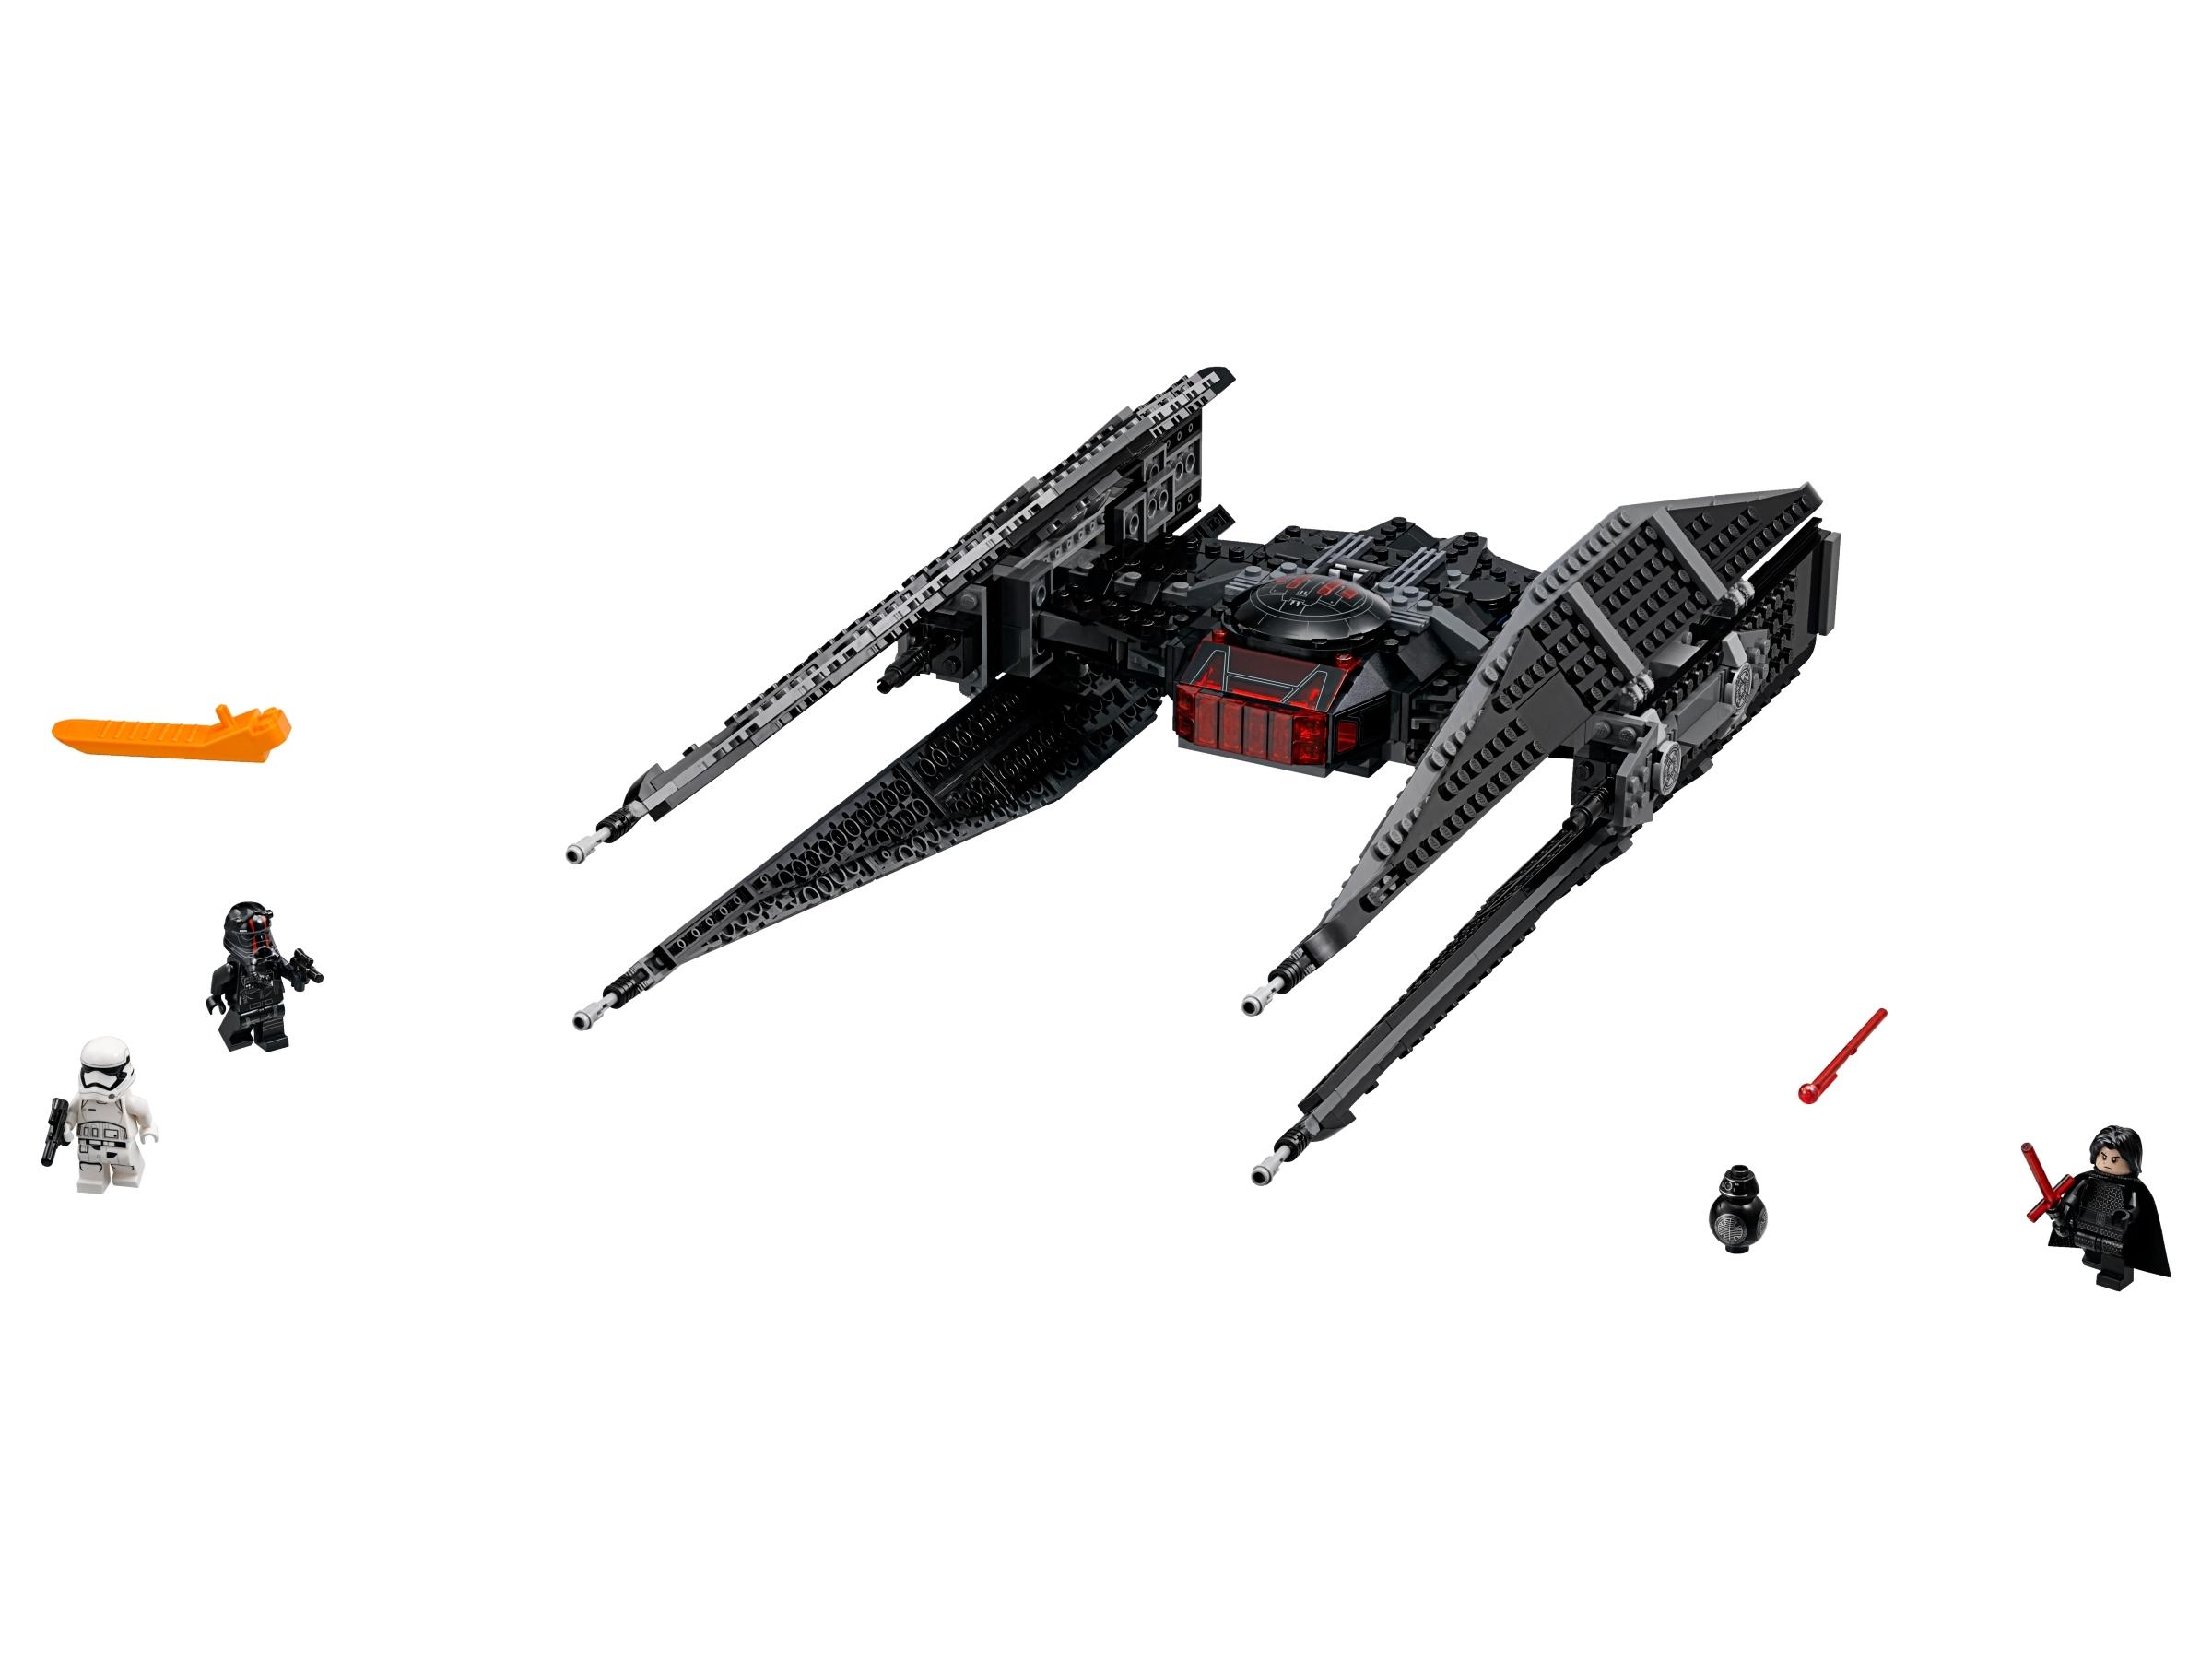 STAR WARS lego KYLO REN sith FIRST ORDER last jedi GENUINE 75179 tie fighter NEW